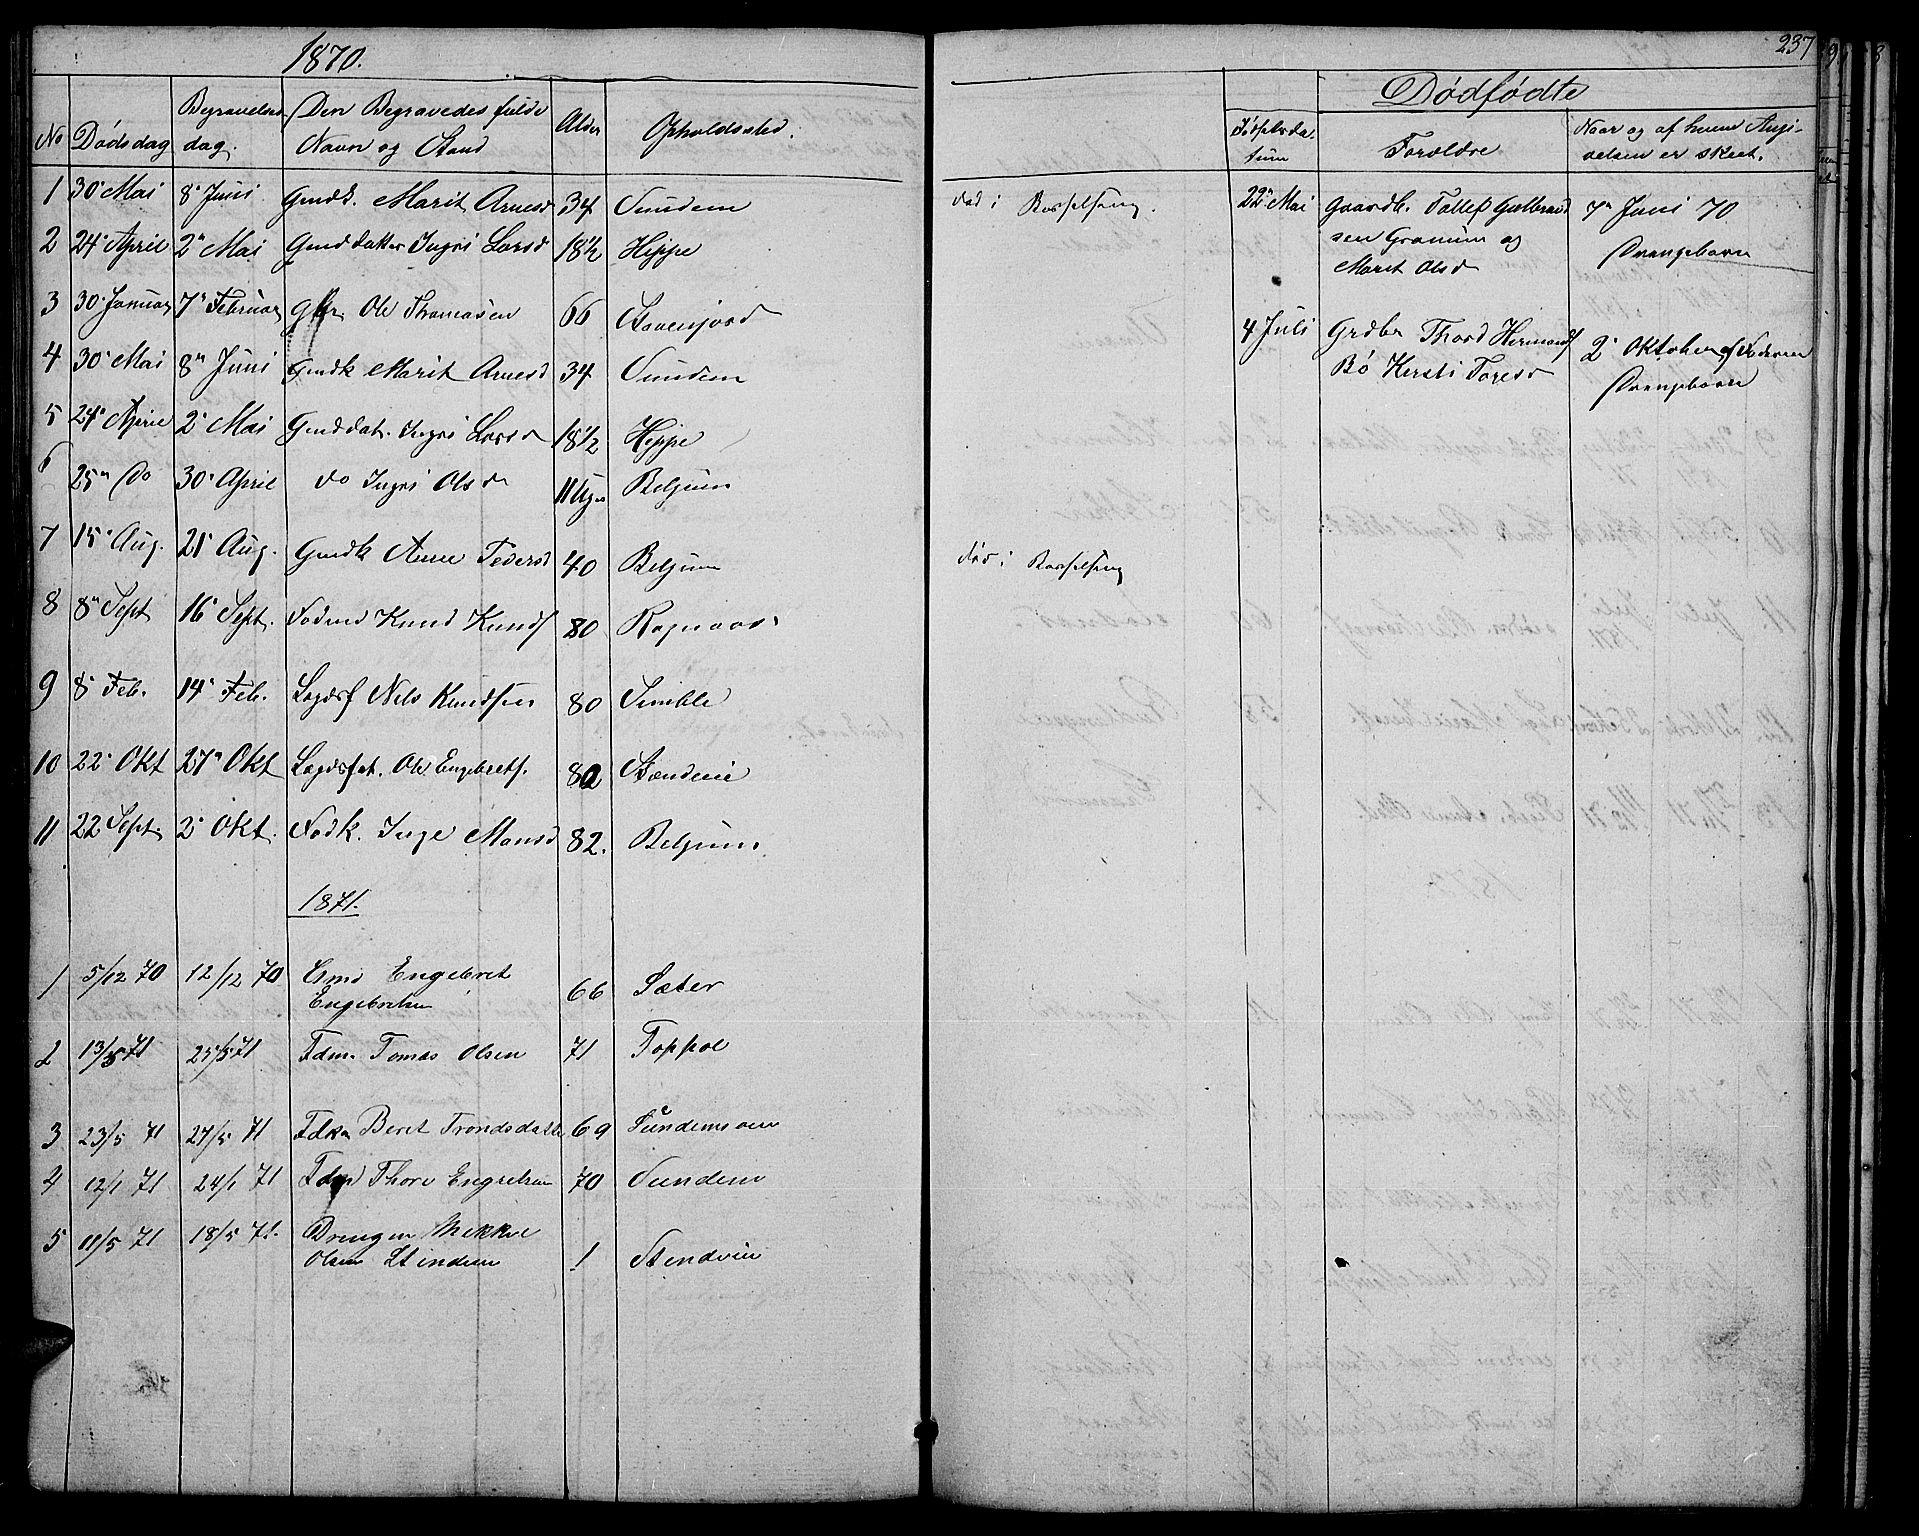 SAH, Nord-Aurdal prestekontor, Klokkerbok nr. 4, 1842-1882, s. 237